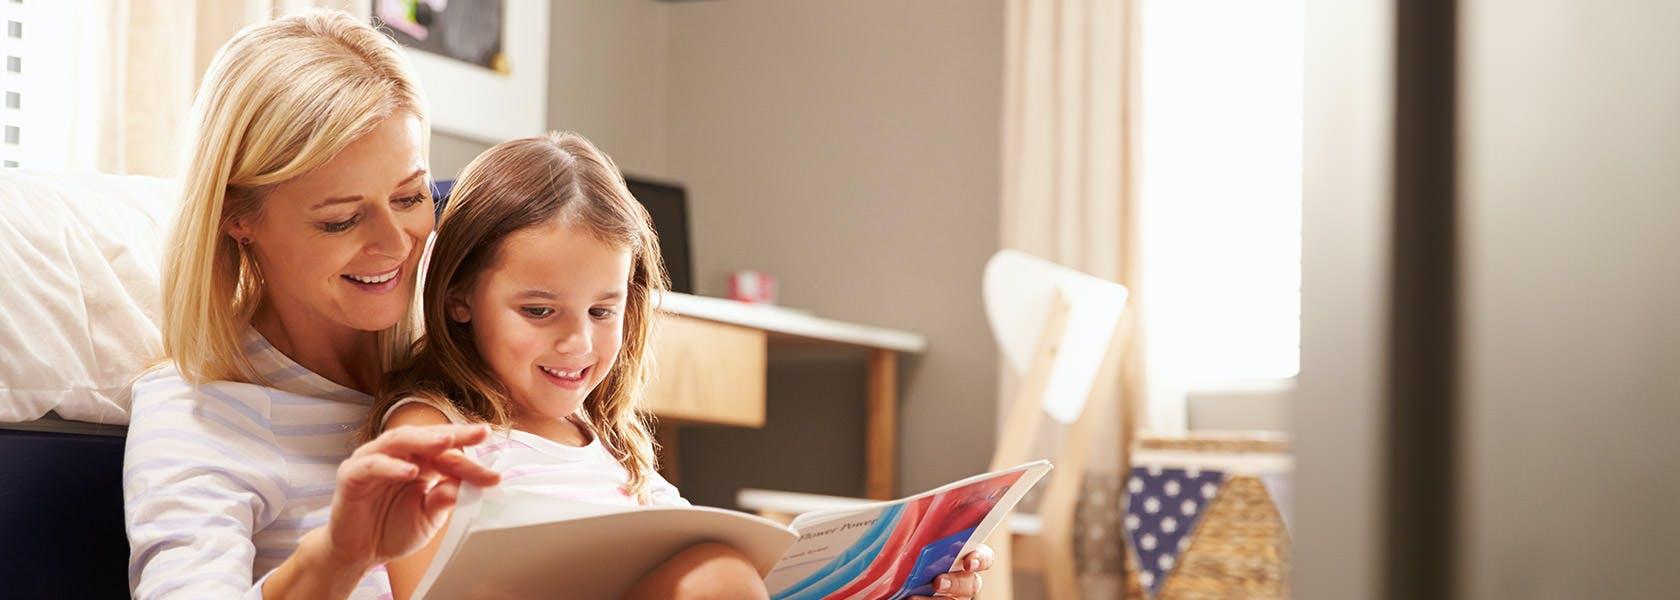 Ibu Membaca Bersama Anak Perempuannya